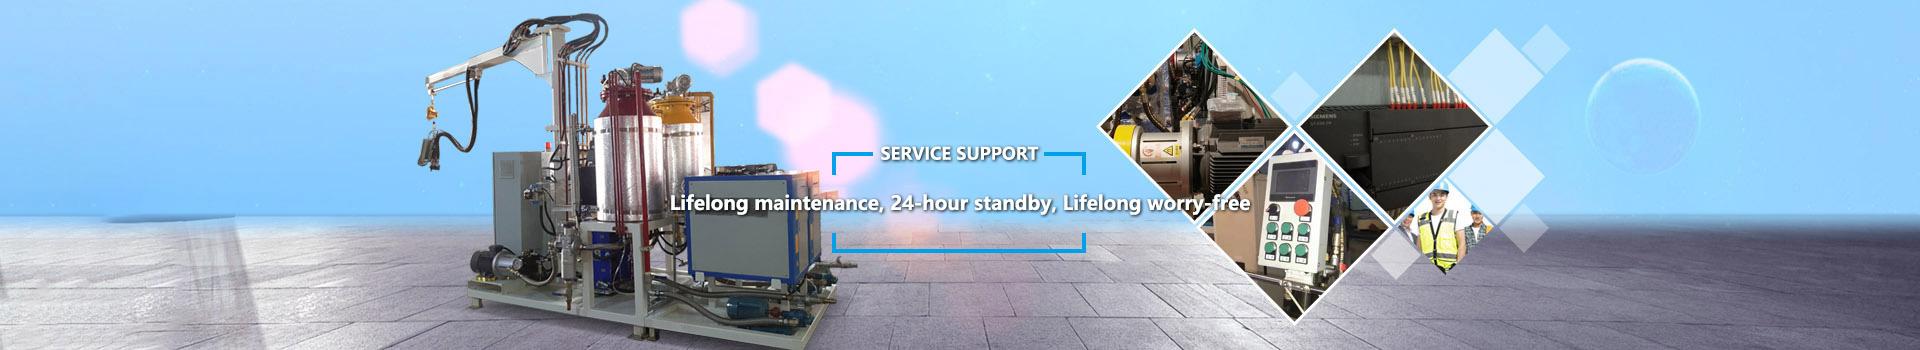 Presales service